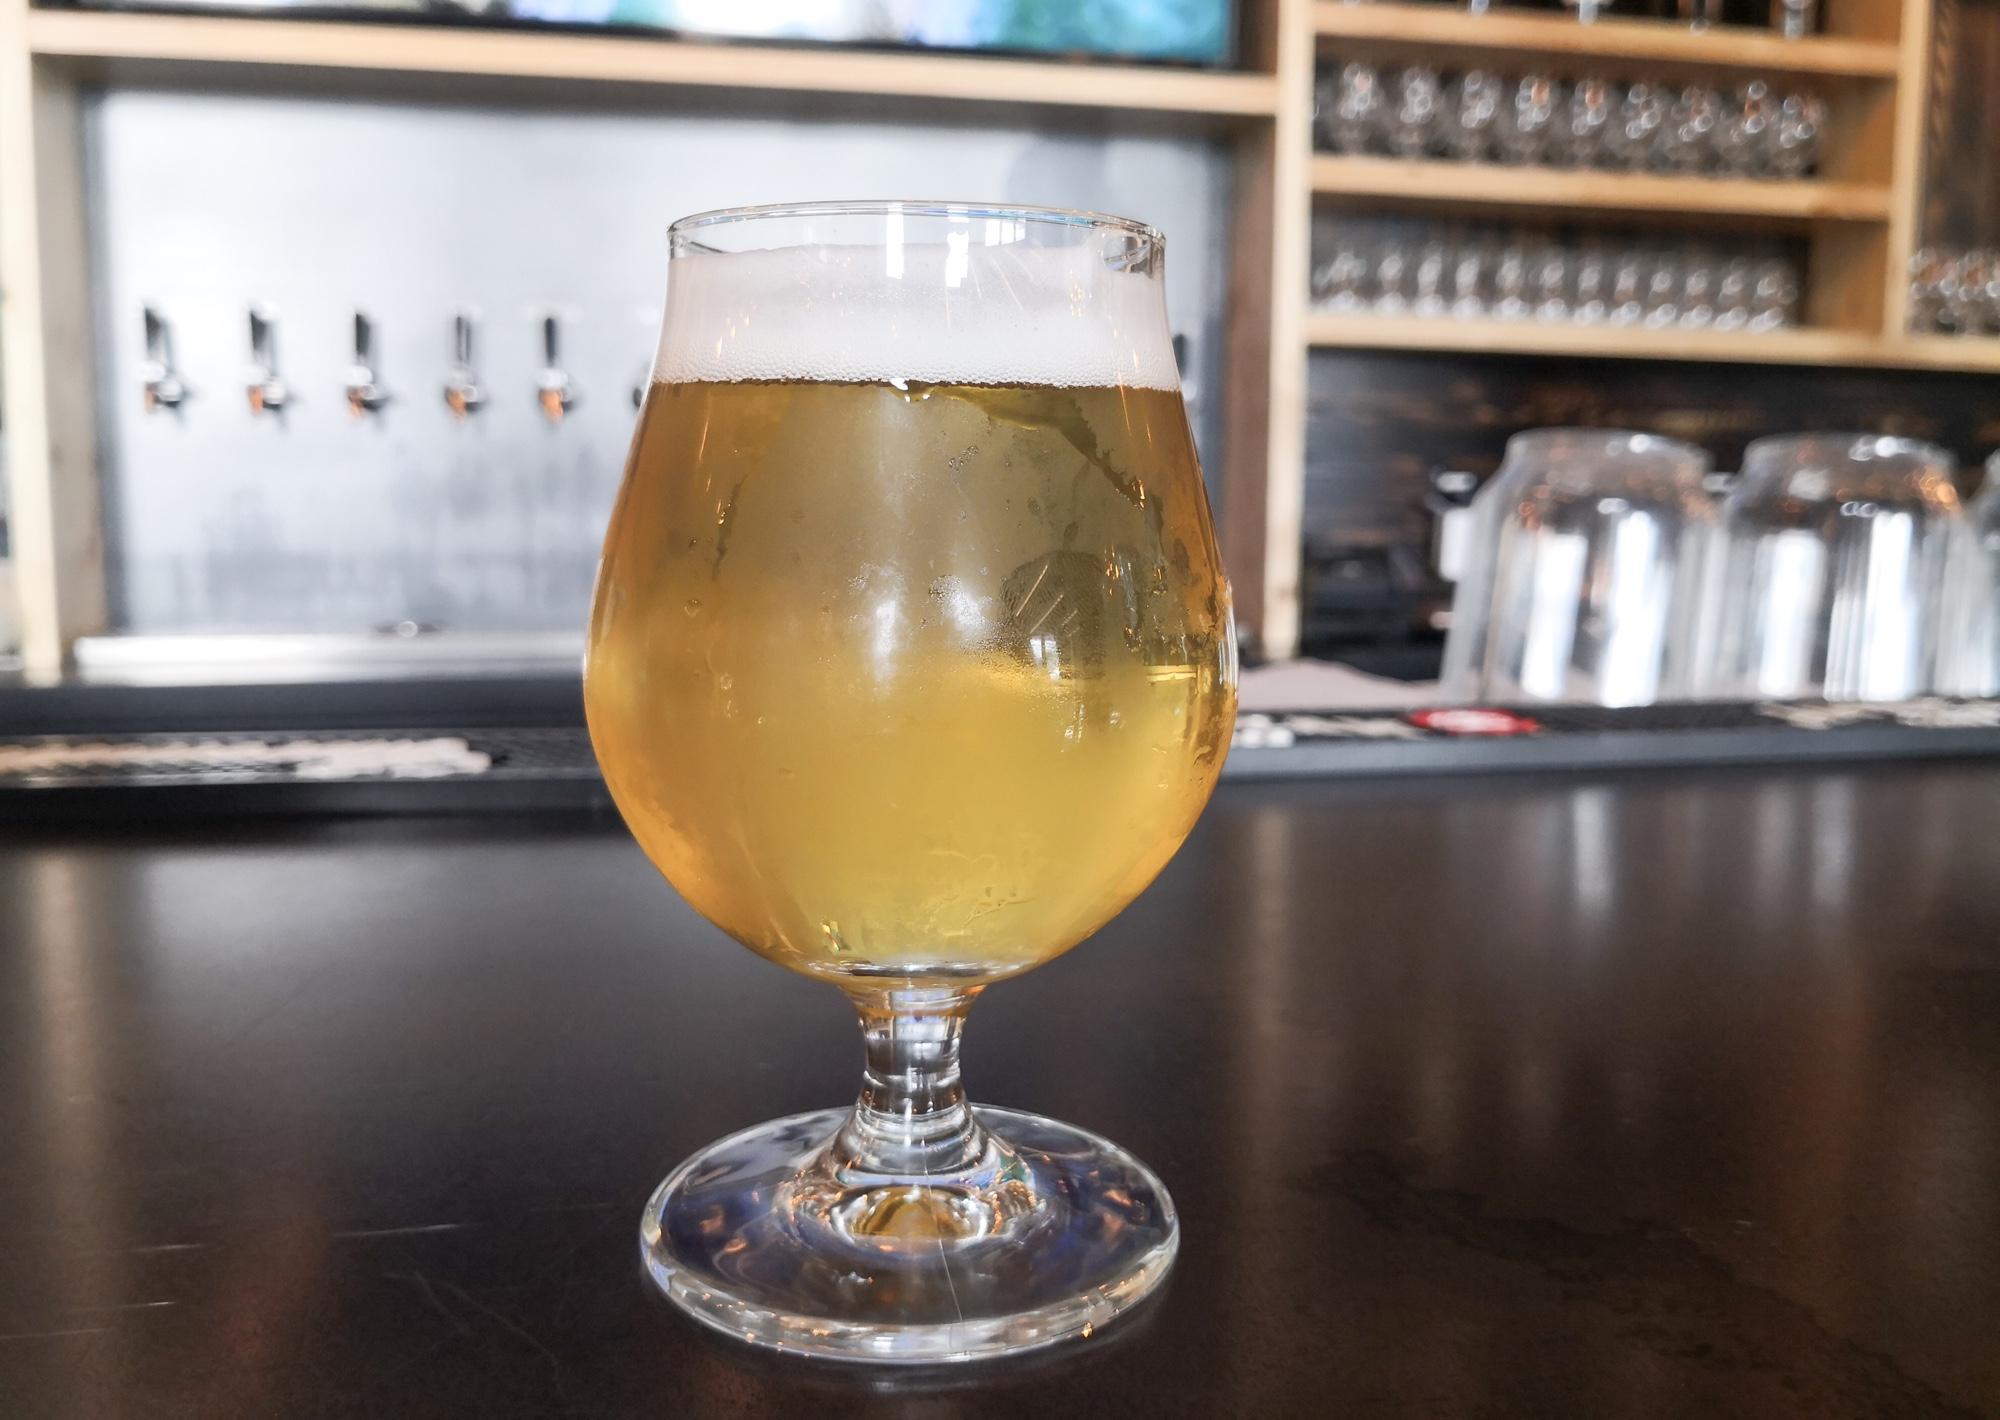 マイクロブルワリーのビール ケベックシティ市場グランマルシェ